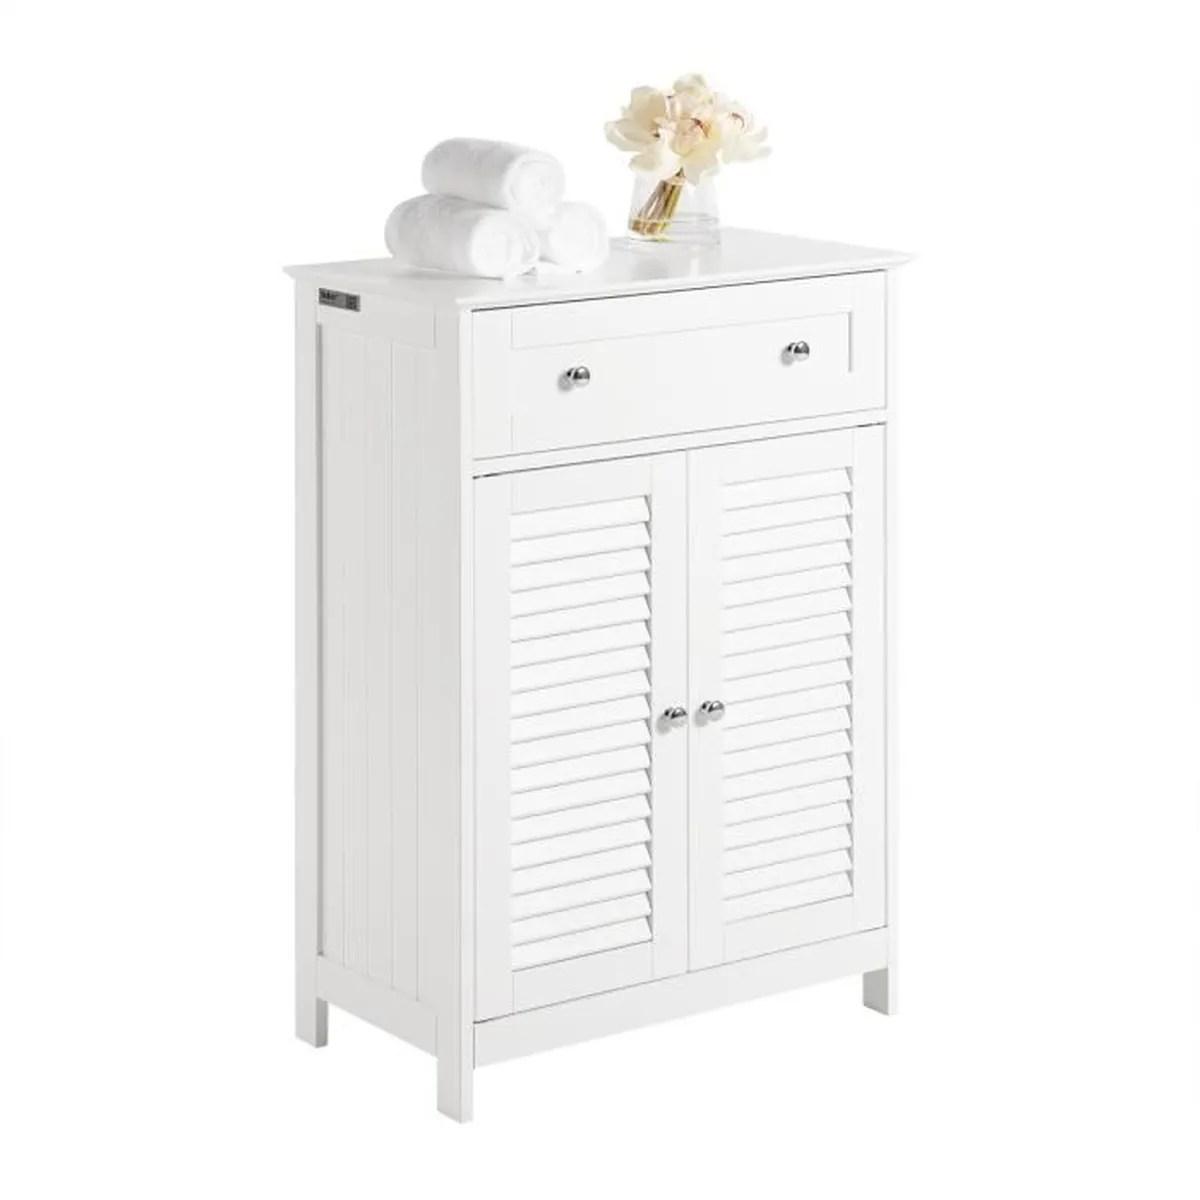 Meuble De Salle De Bain Bas Armoire De Toilette Achat Vente Pas Cher